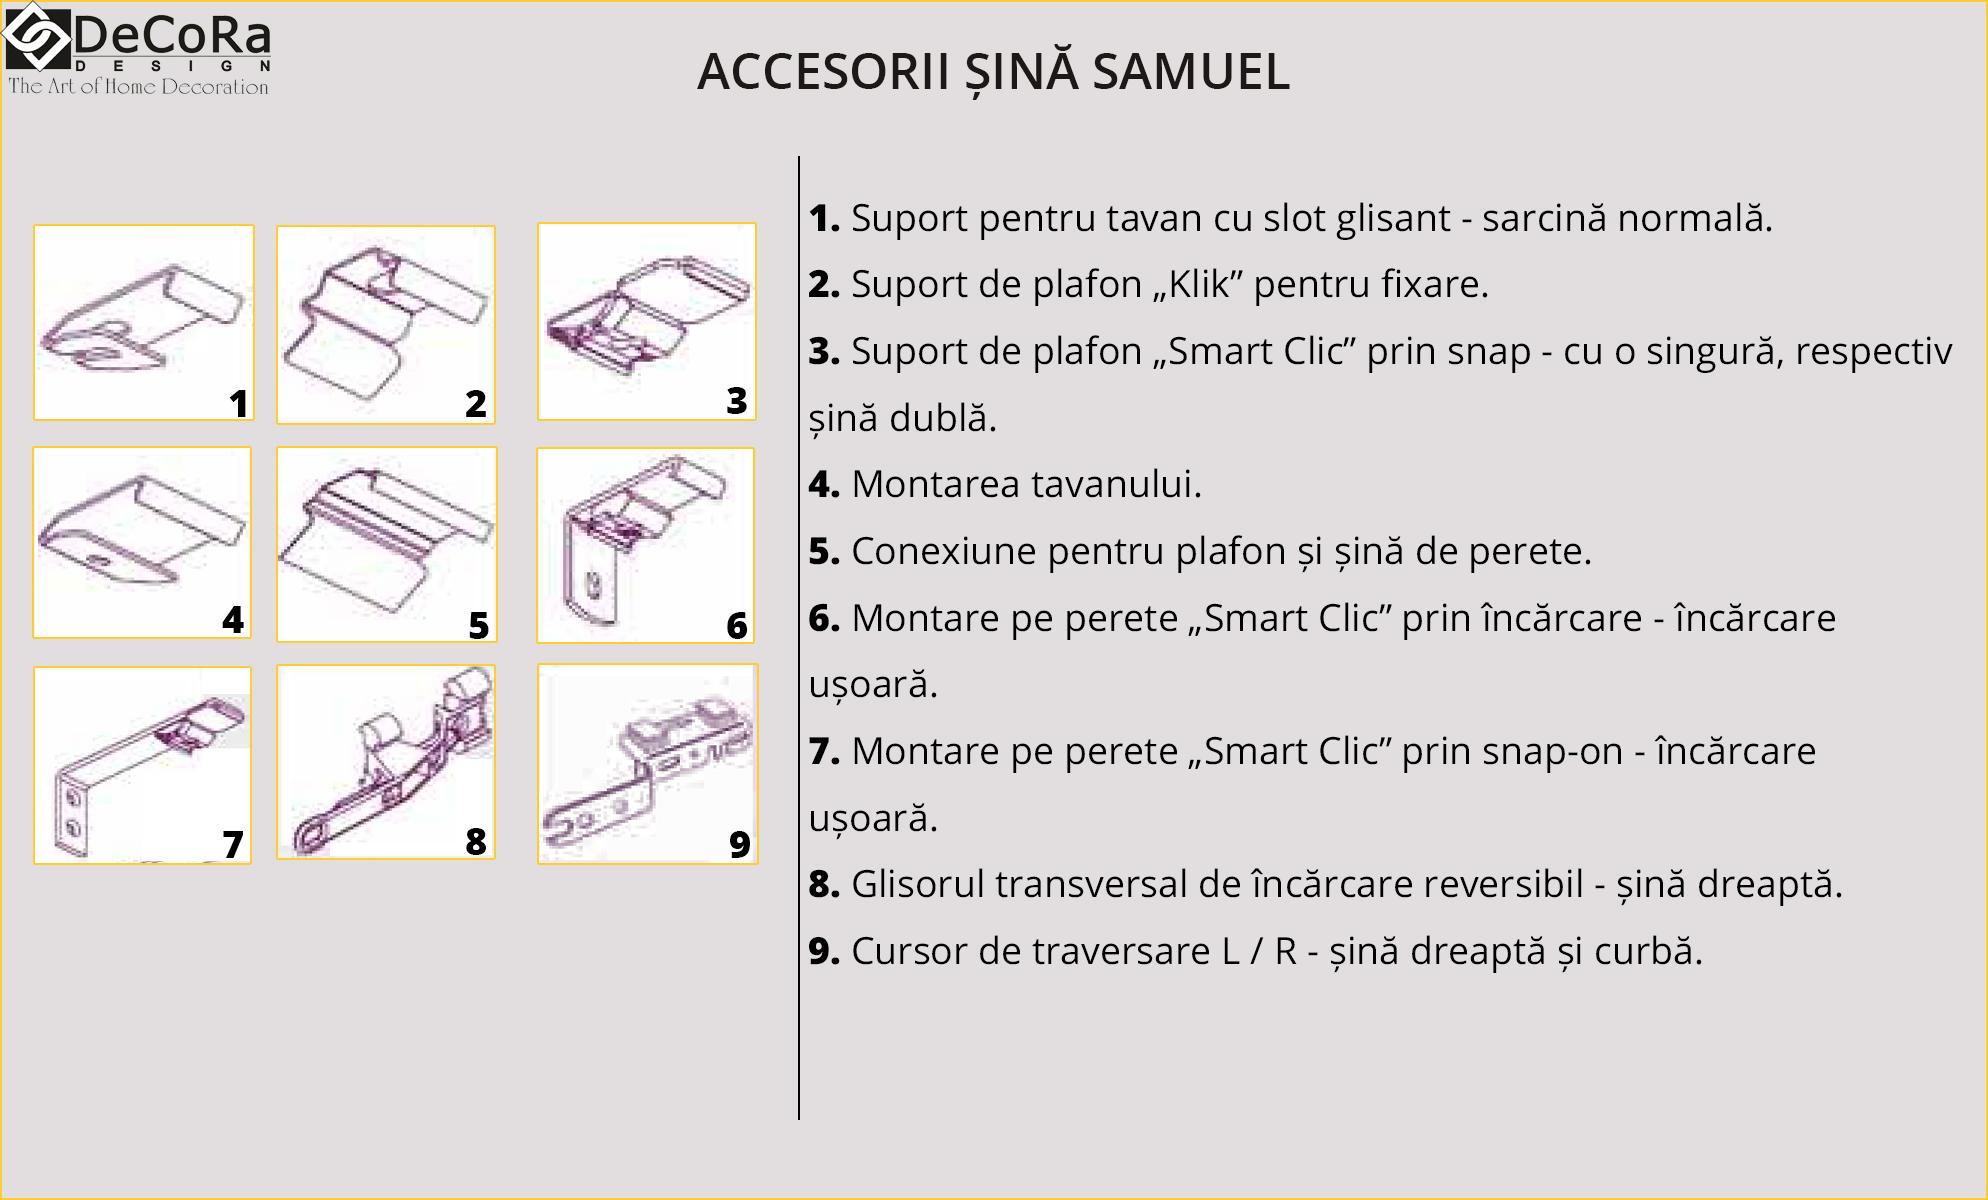 Accesorii sina - SAMUEL, tipuri de suporti si modalitate de montare